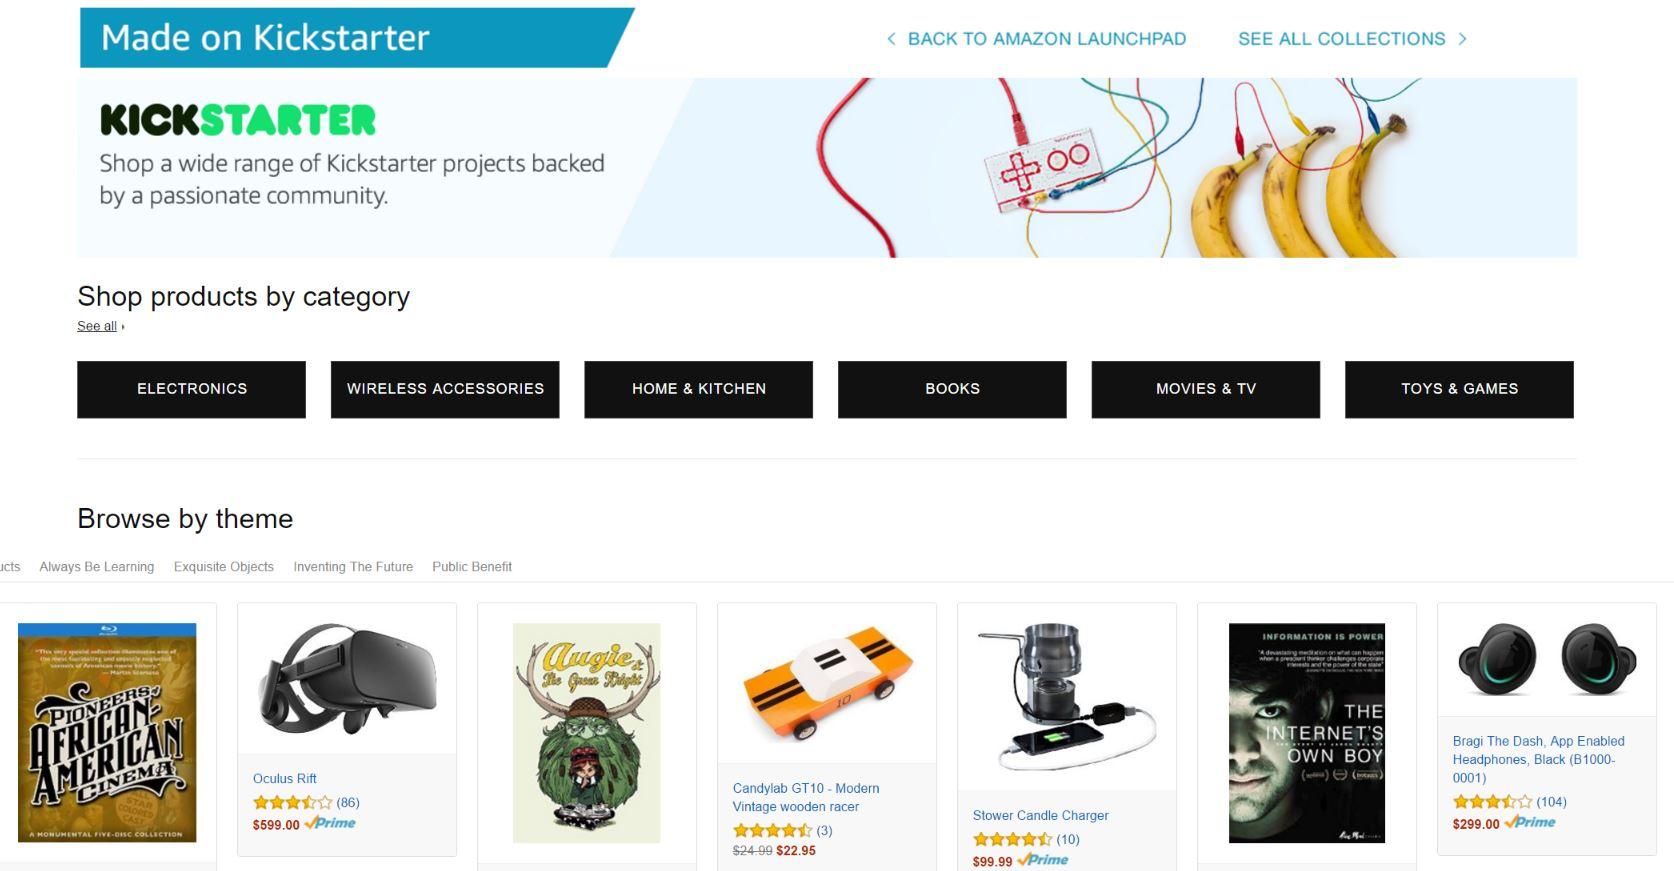 Amazon's Kickstarter Collection